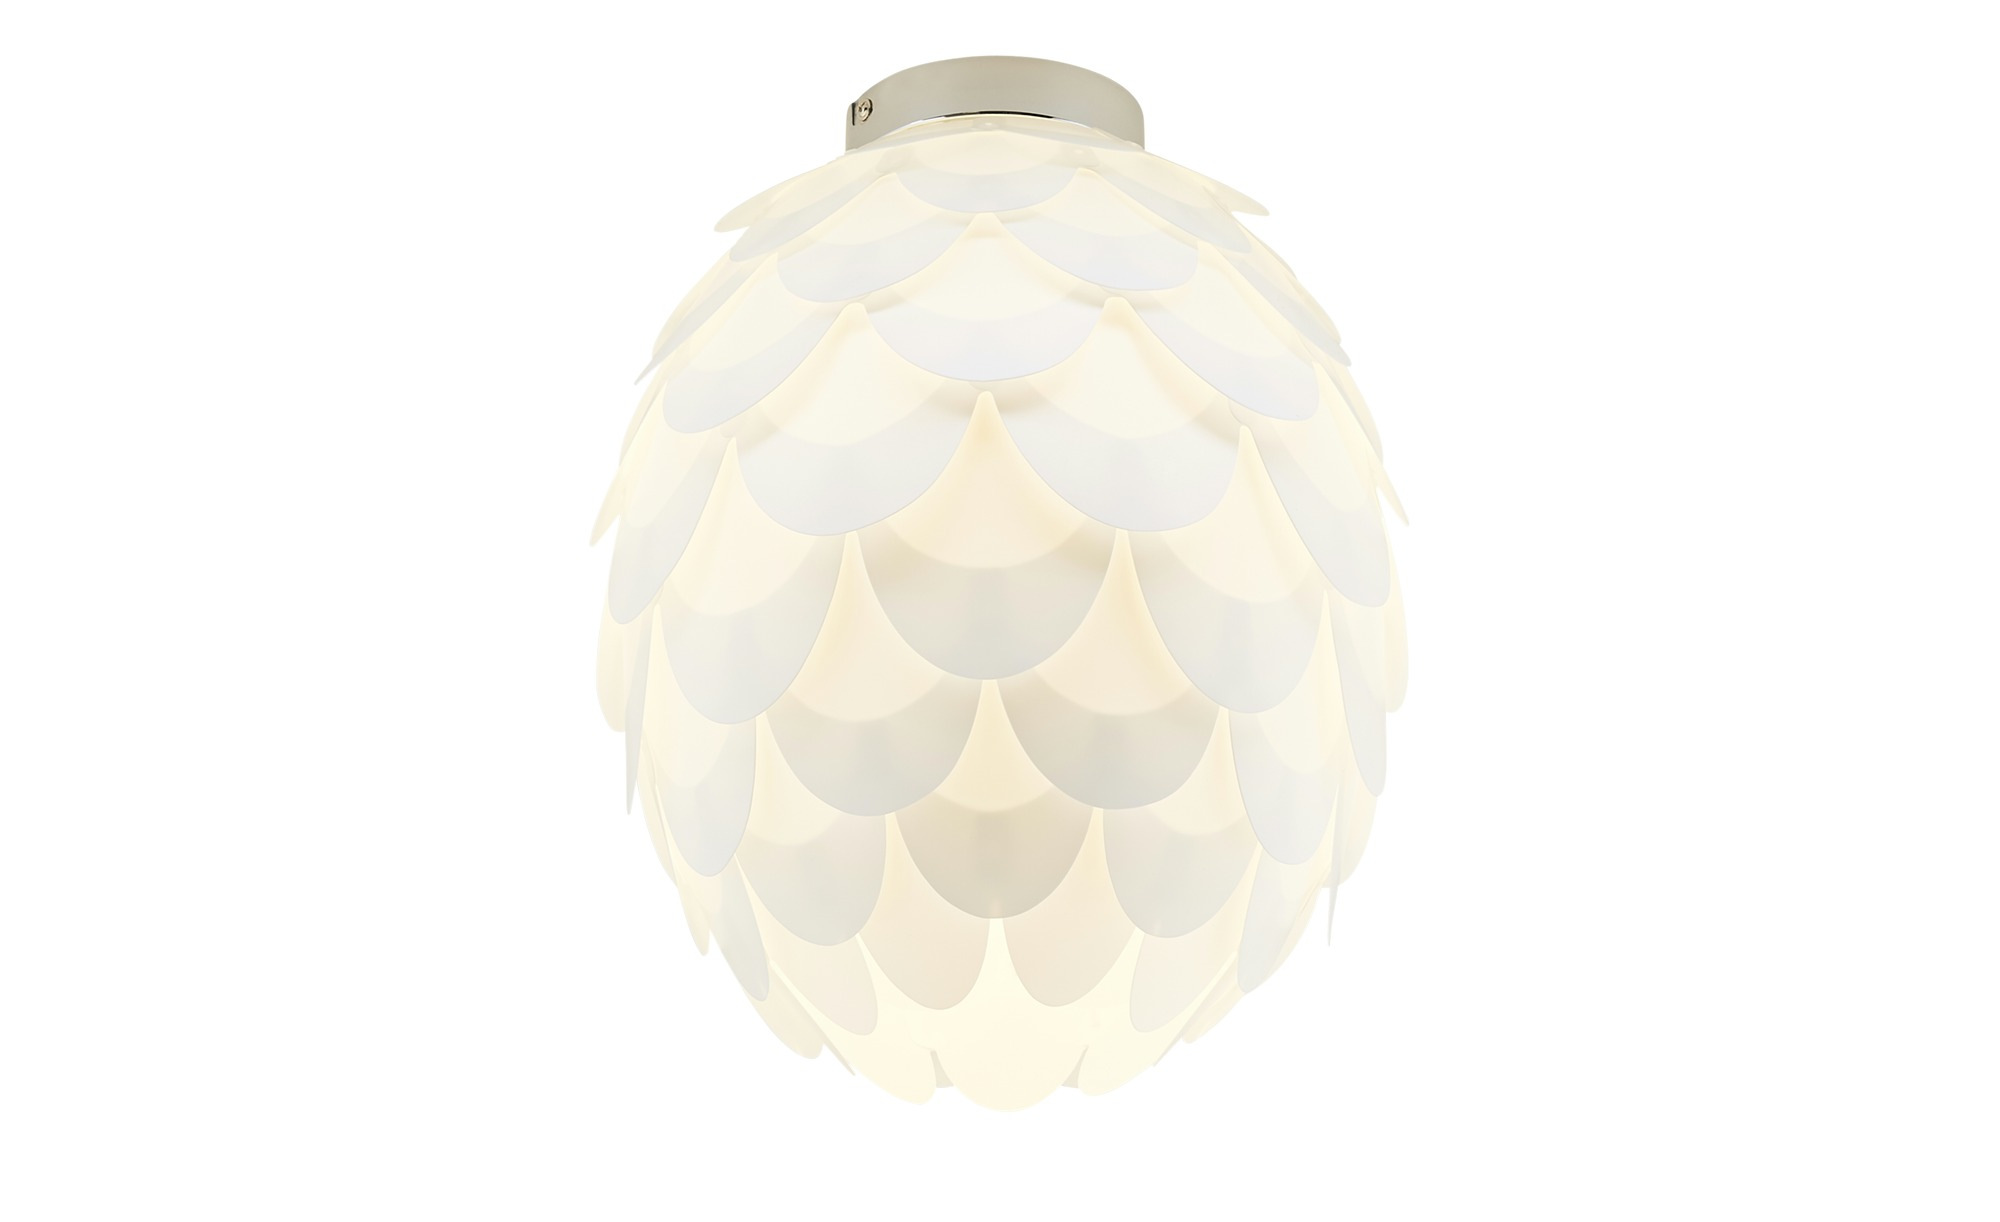 Deckenleuchte, 1-flammig, Weiß ¦ weiß ¦ Maße (cm): H: 36 Ø: [30.0] Lampen & Leuchten > Innenleuchten > Deckenleuchten - Höffner